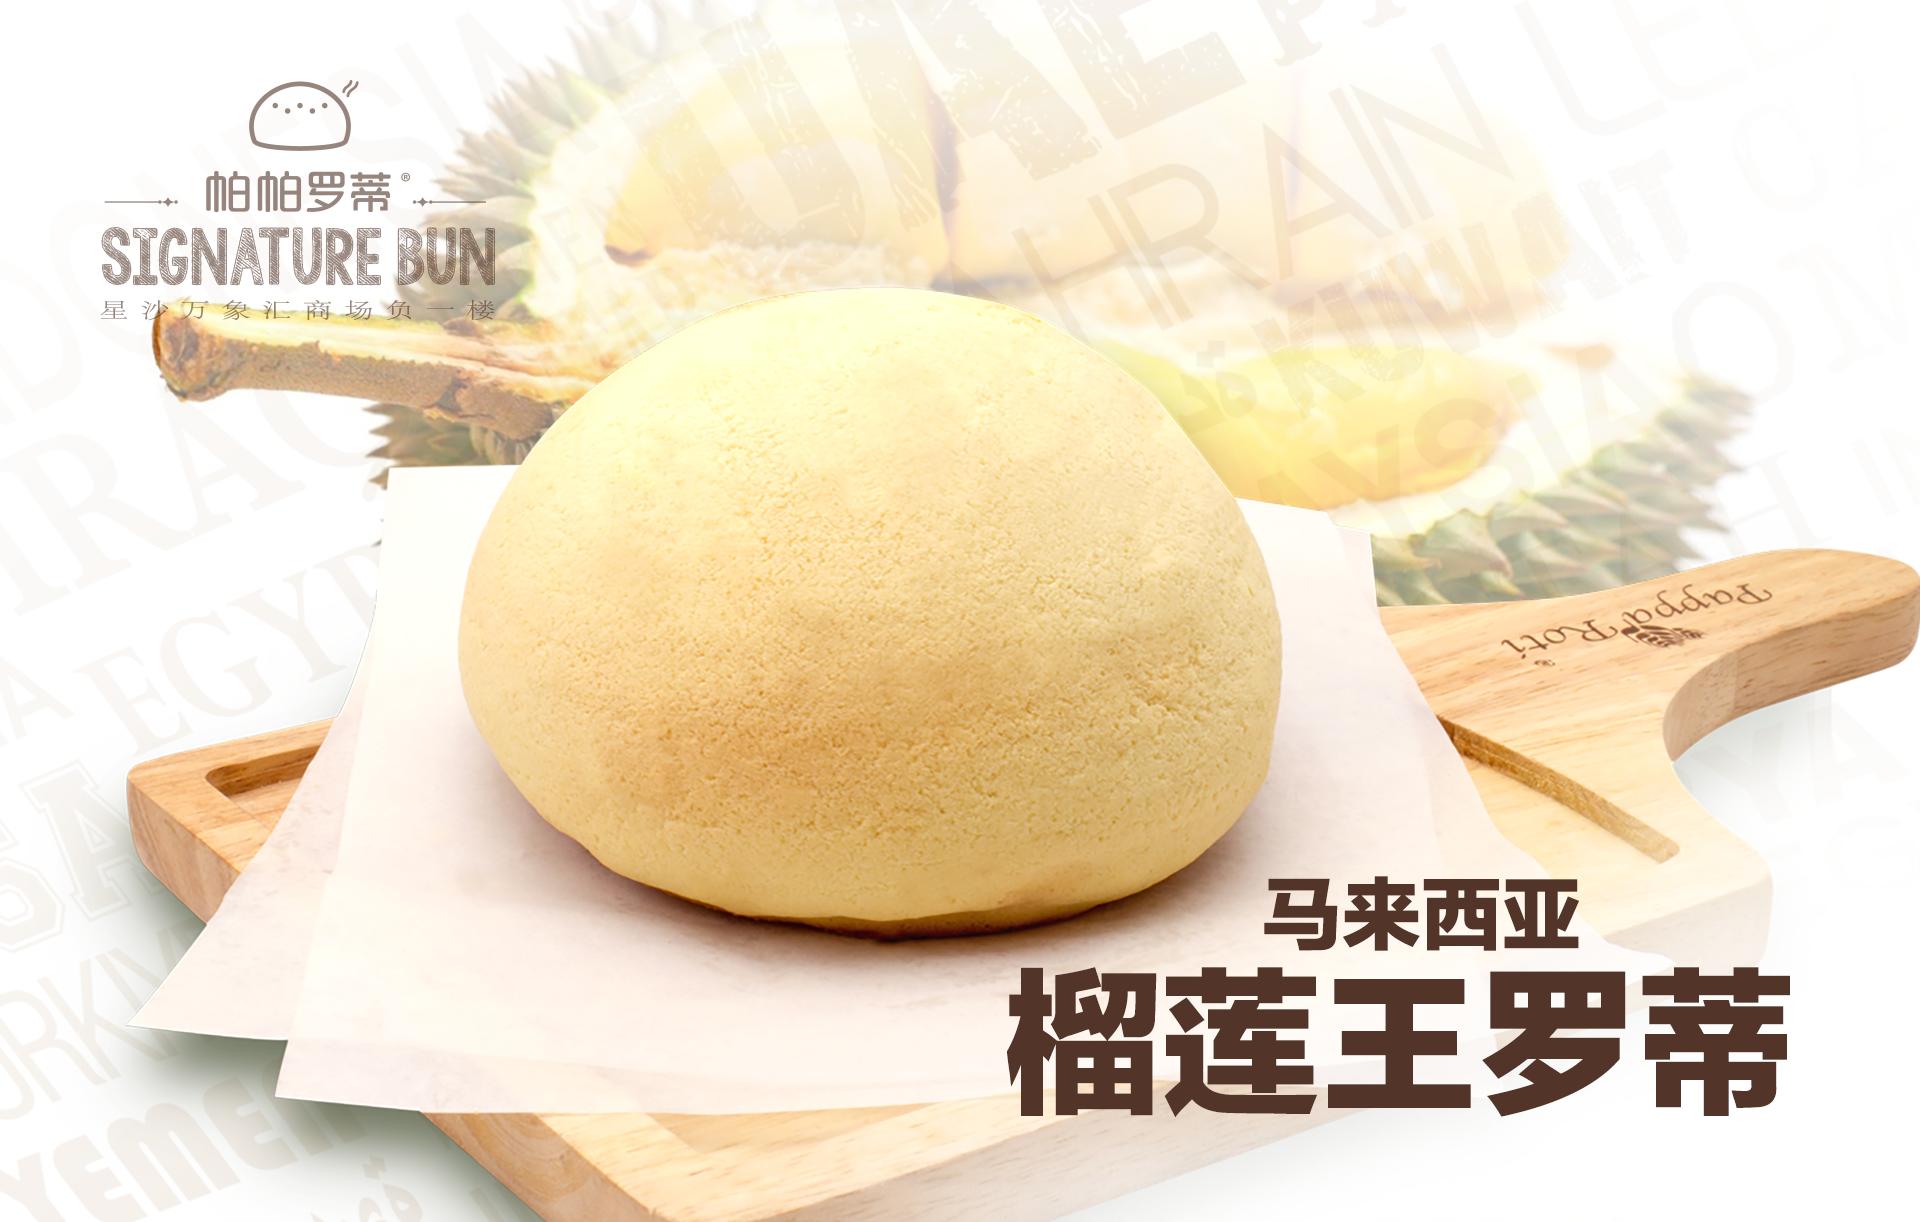 面包广受消费者欢迎,怎样寻找面包加盟连锁店